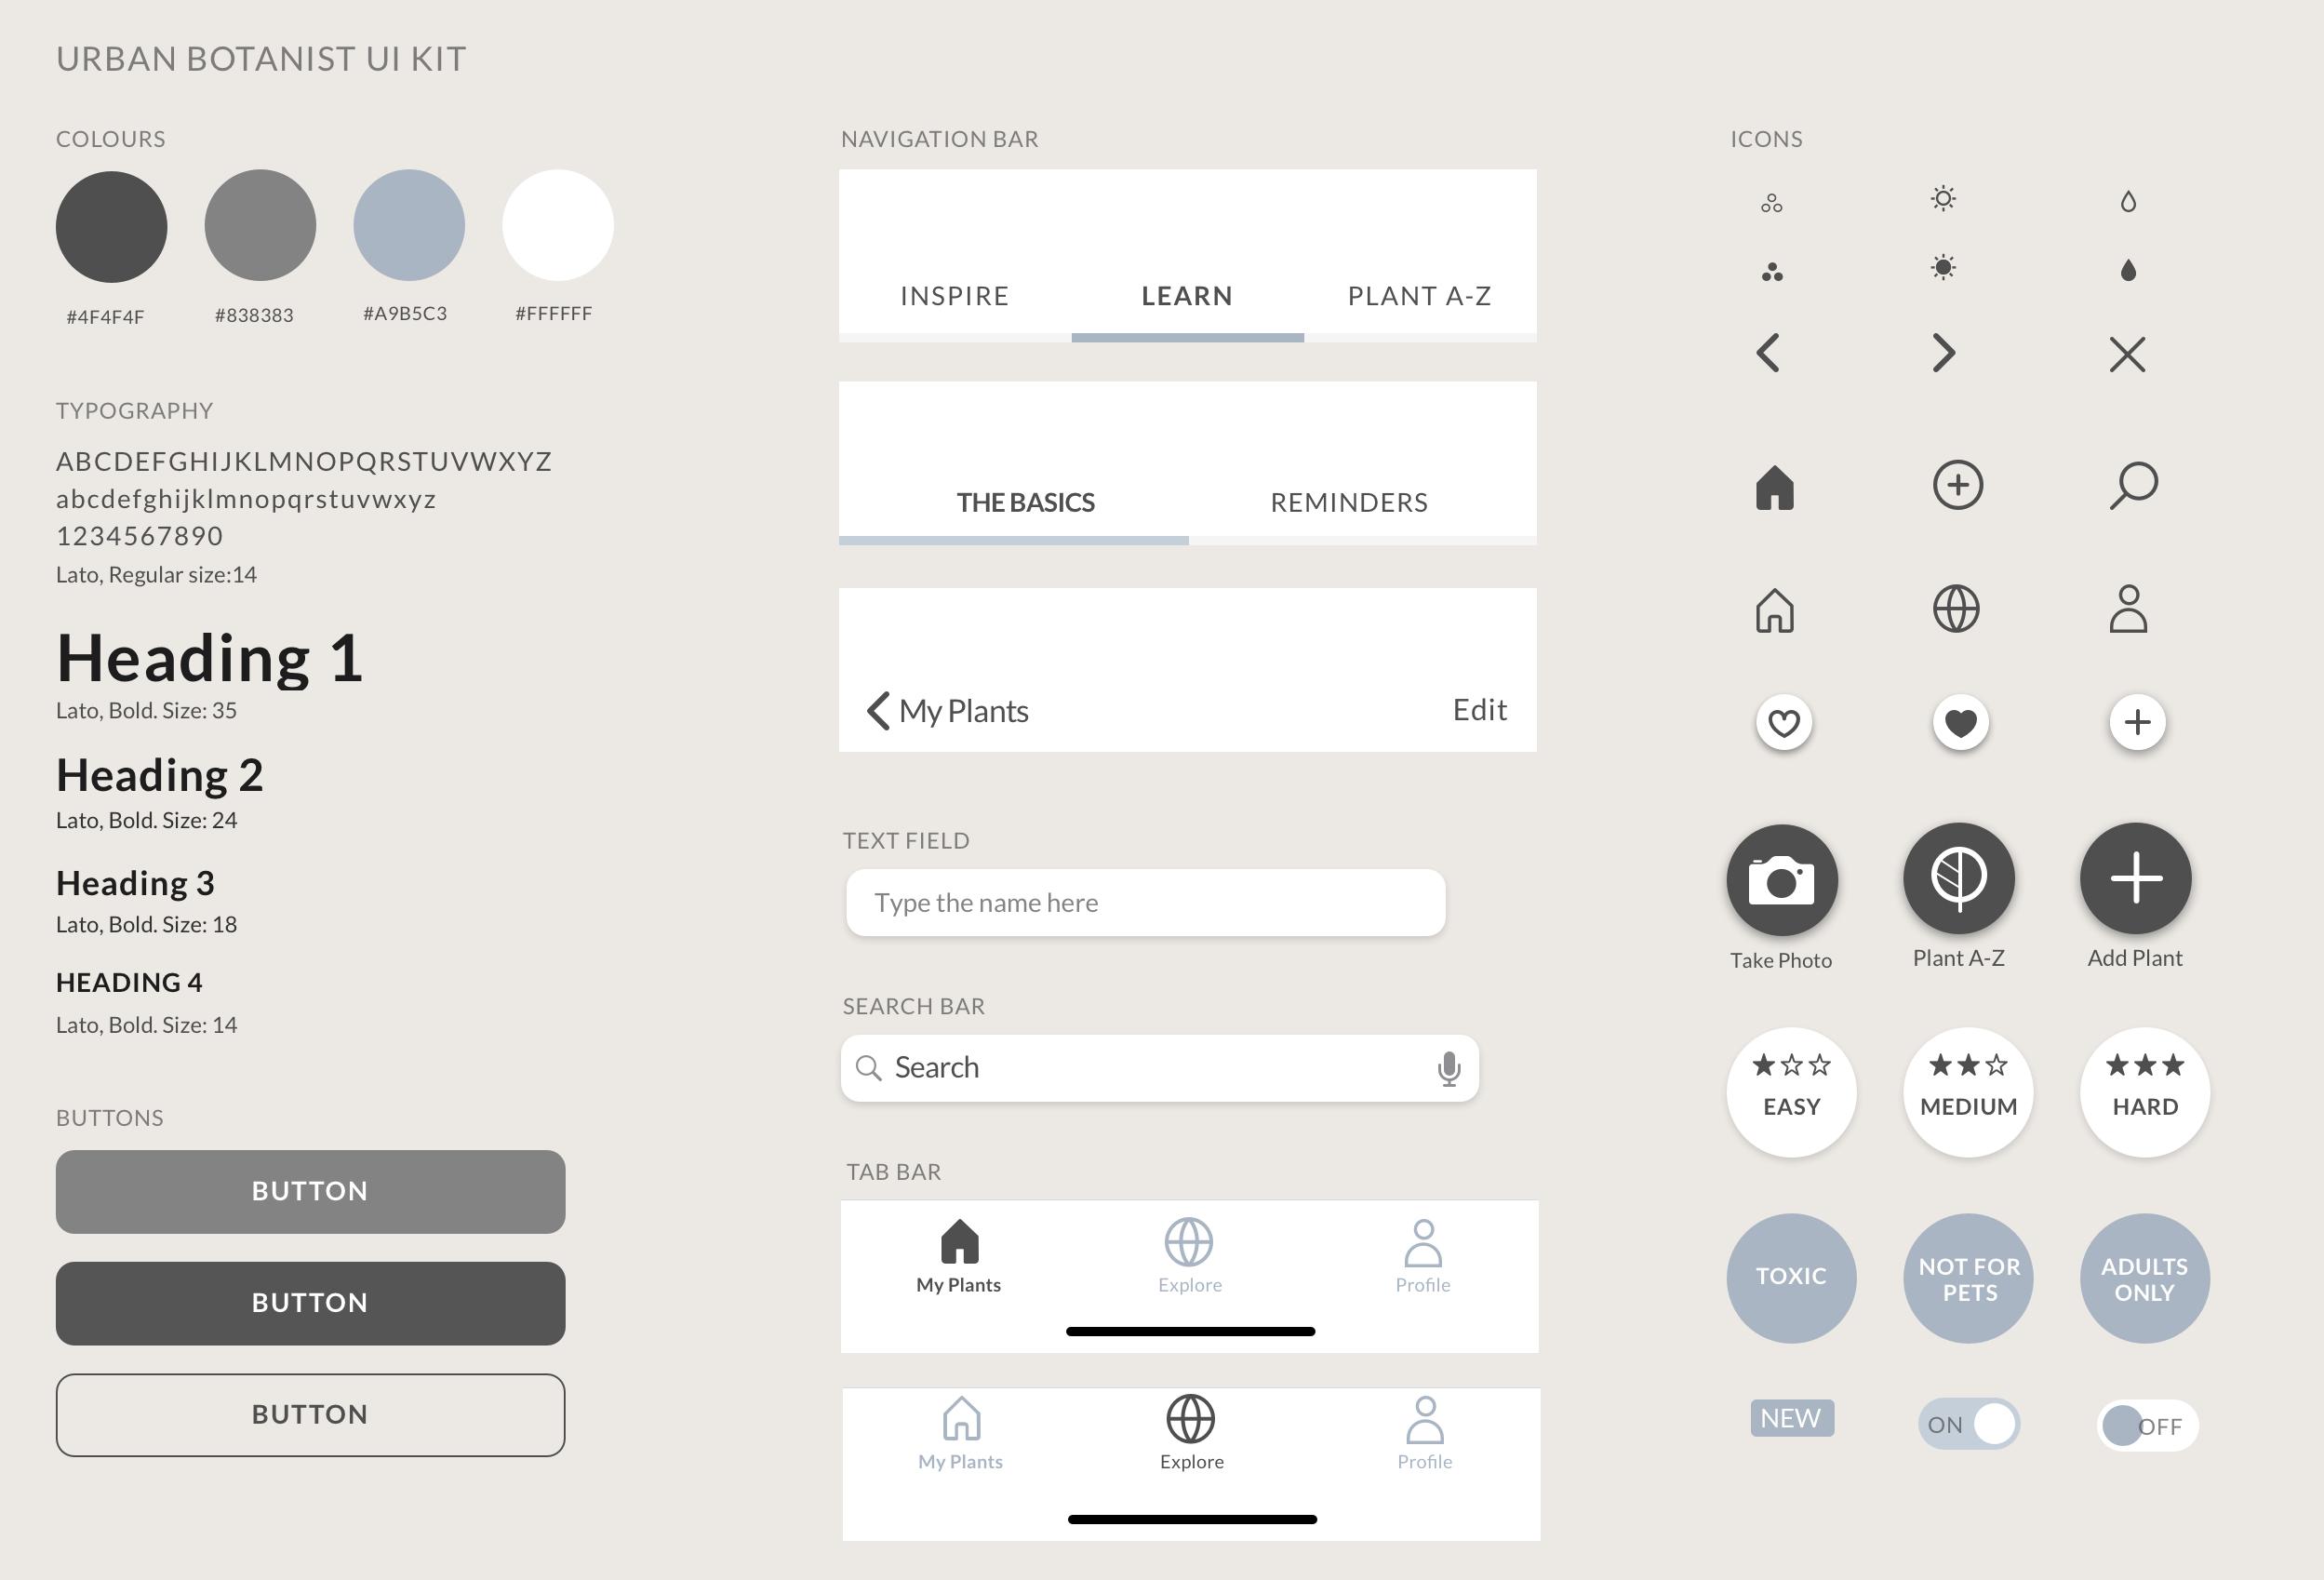 UI Kit based on the branding